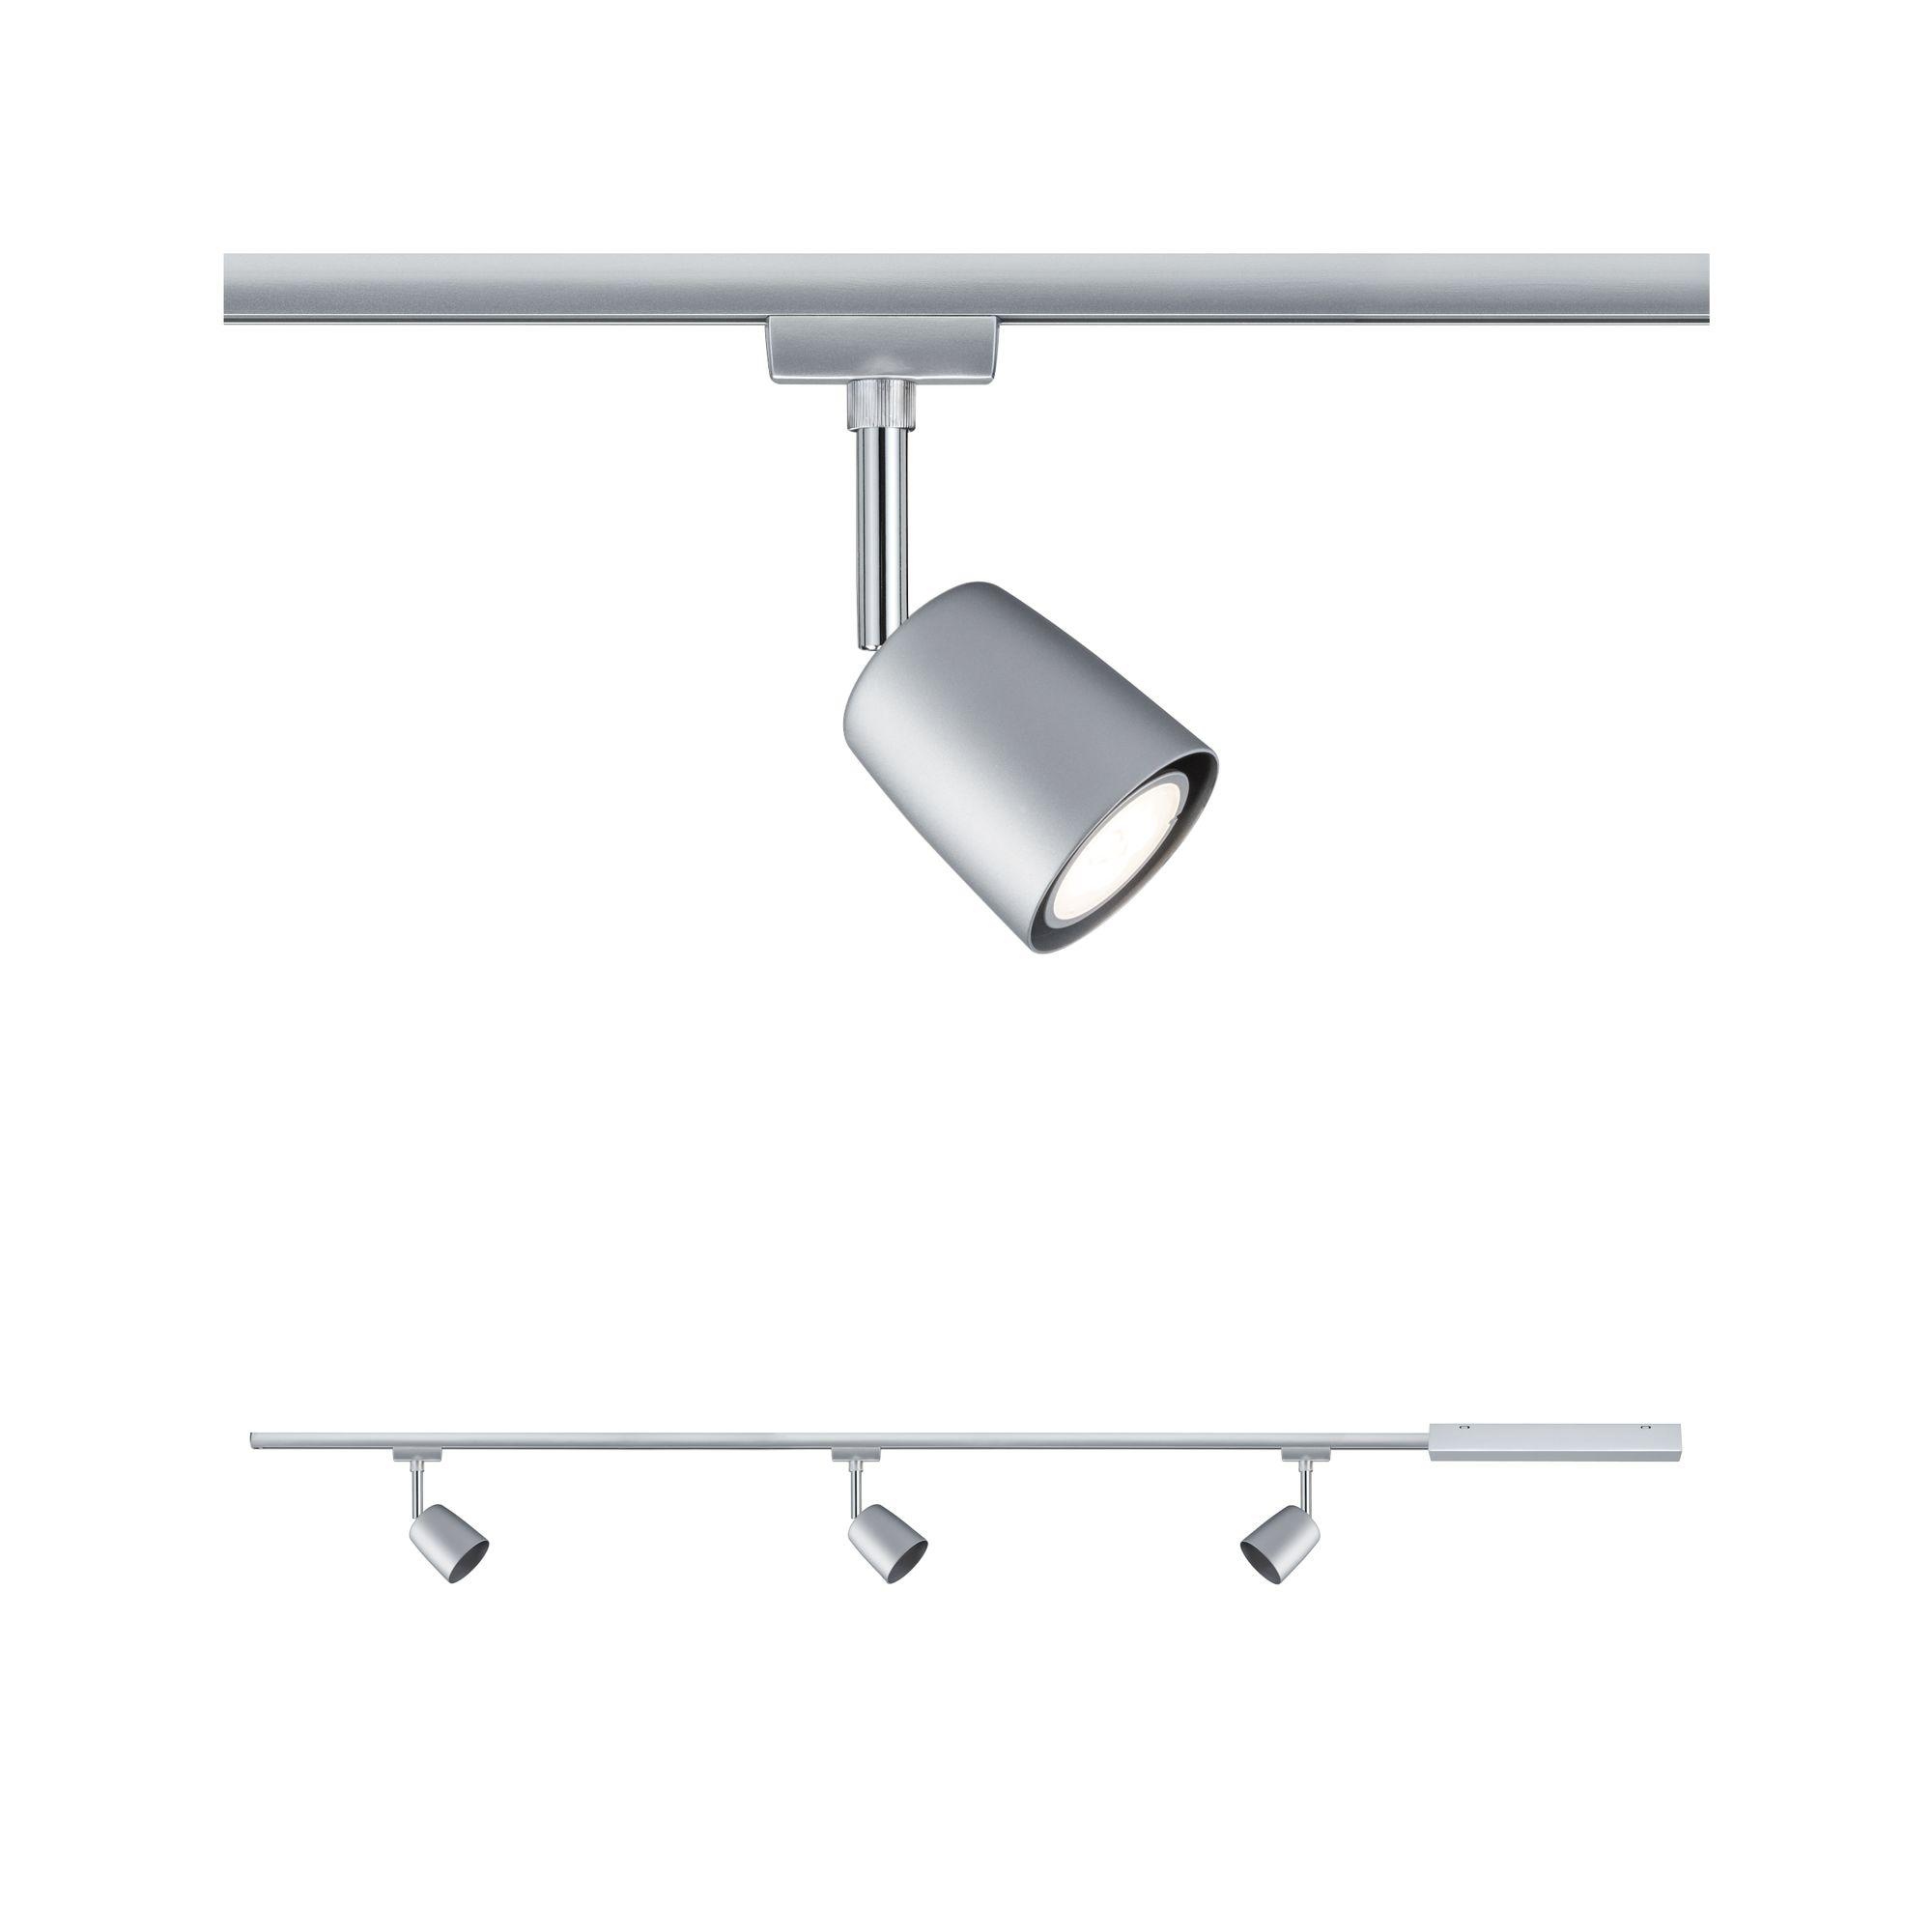 Paulmann,LED Deckenleuchte URail Set GU10 Cover Chrom matt max. 10W